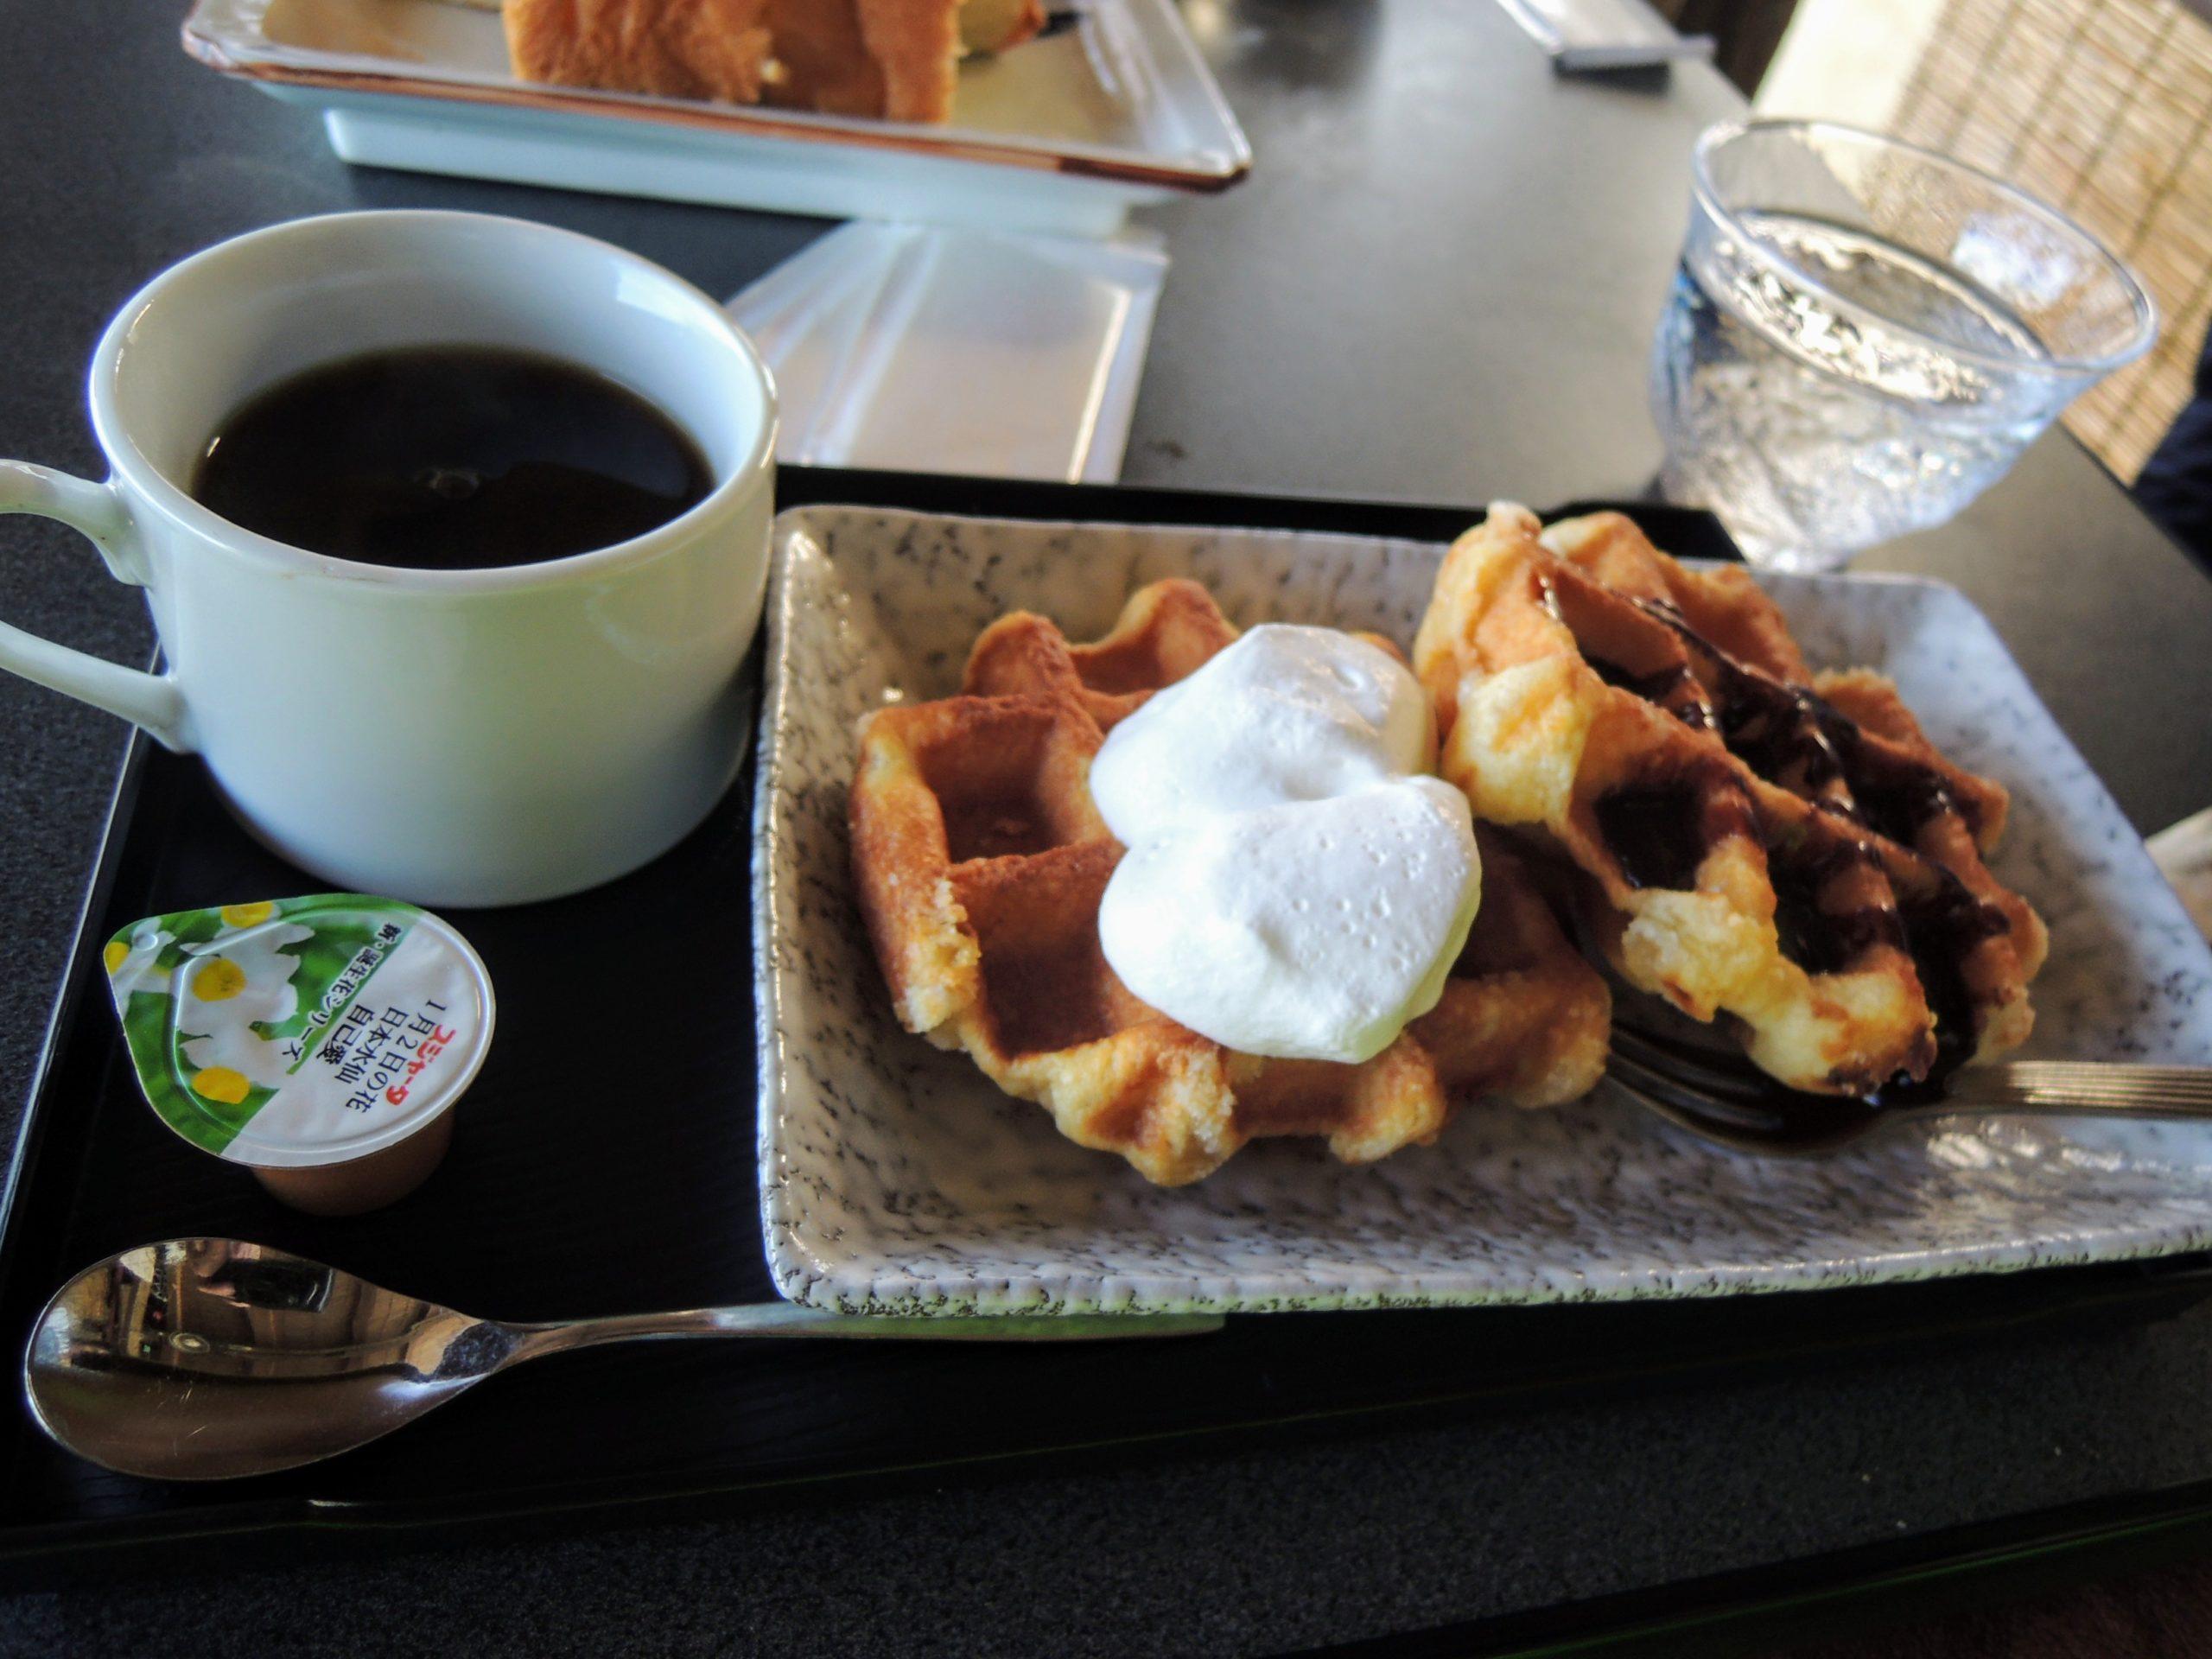 仏果堂のお得なコーヒーセット